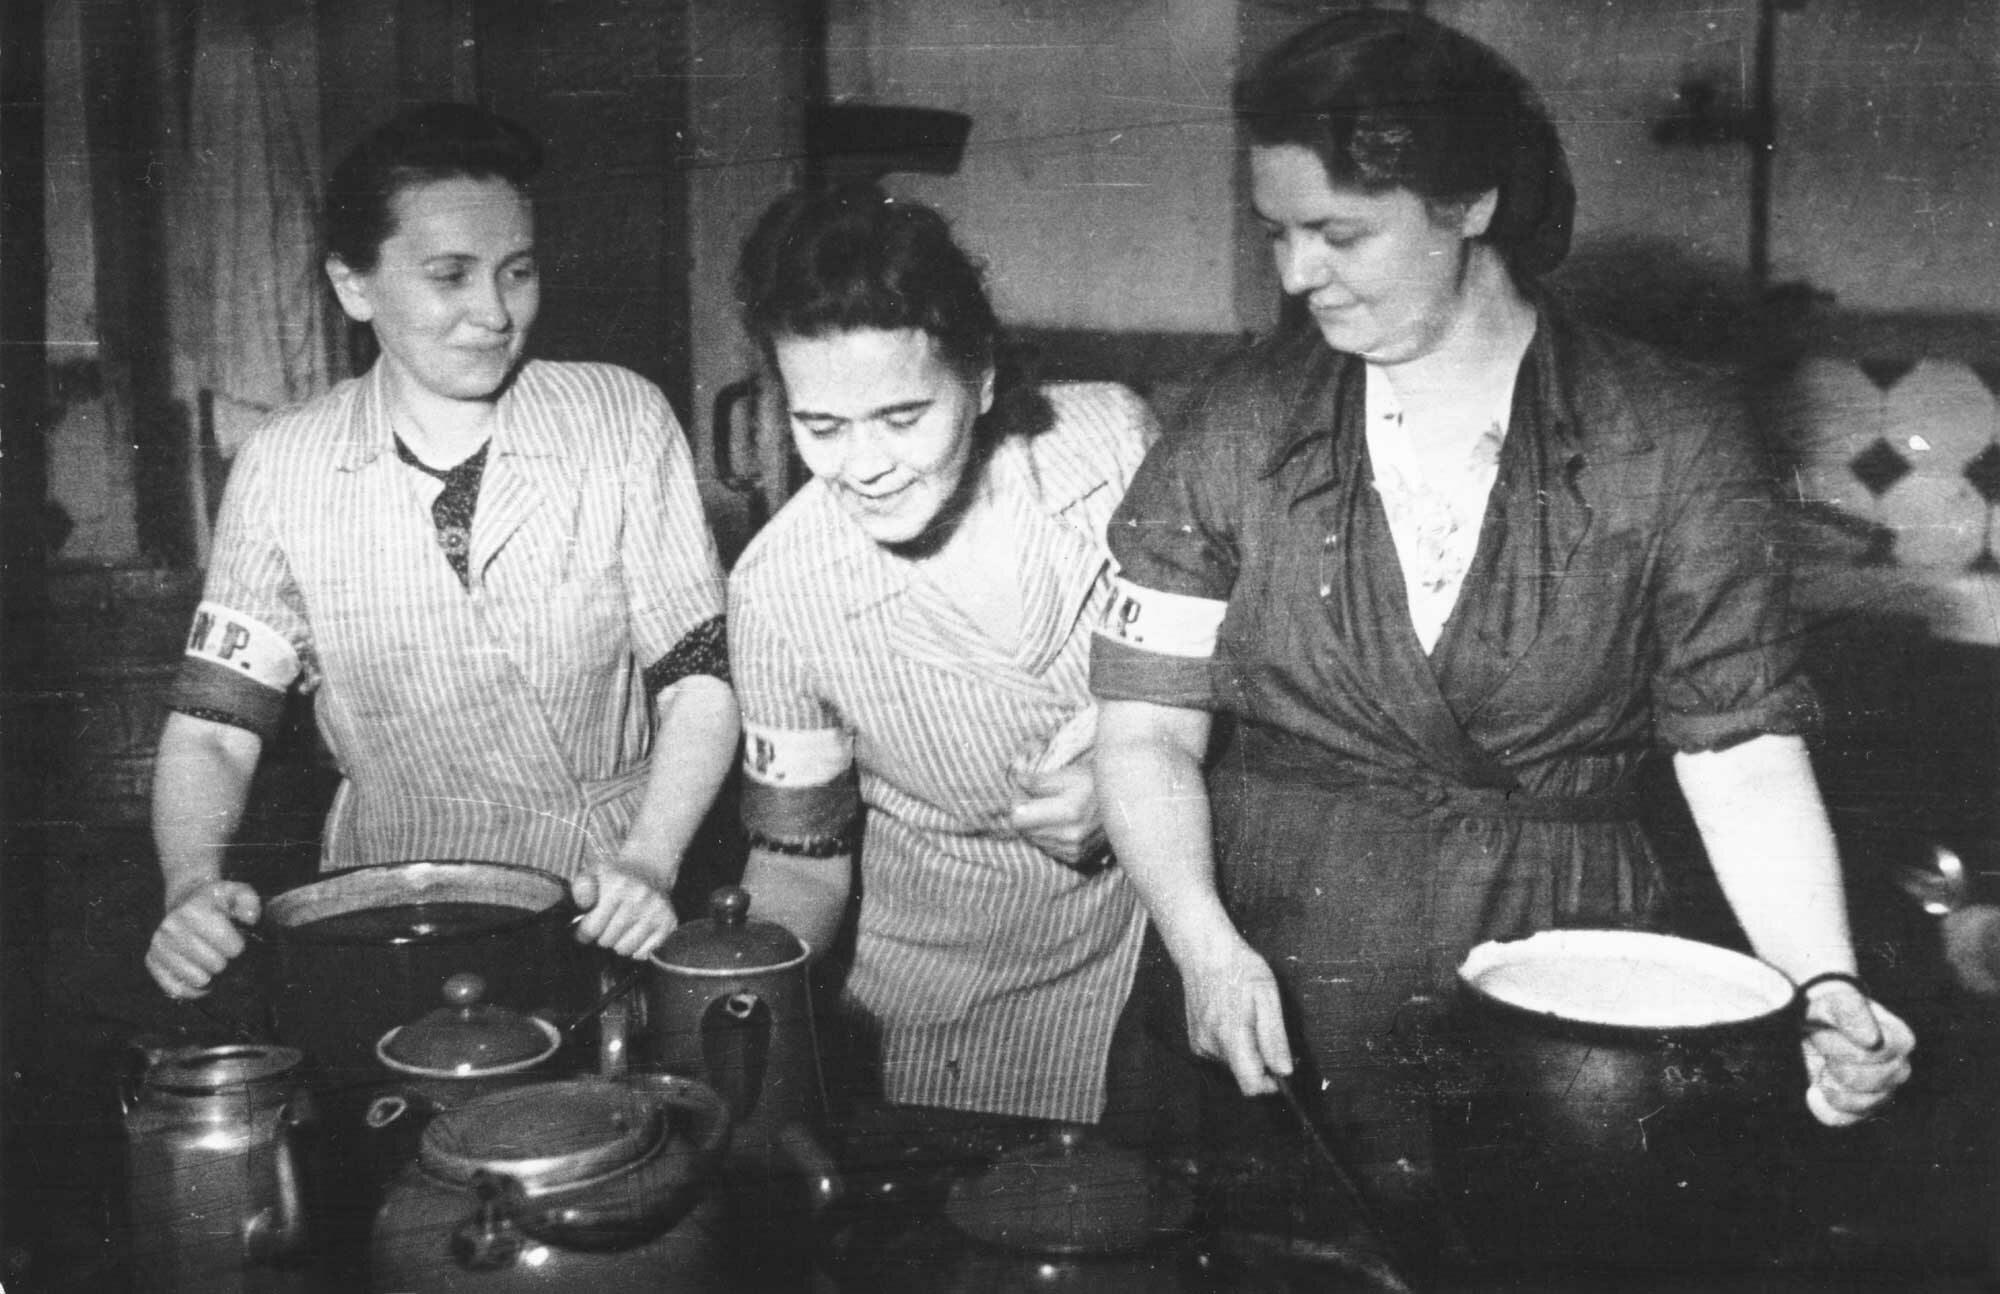 Kiedy zaczęło brakować żywności, w diecie powstańców zaczęła dominować tzw. zupa-pluj. Z czego była gotowana?